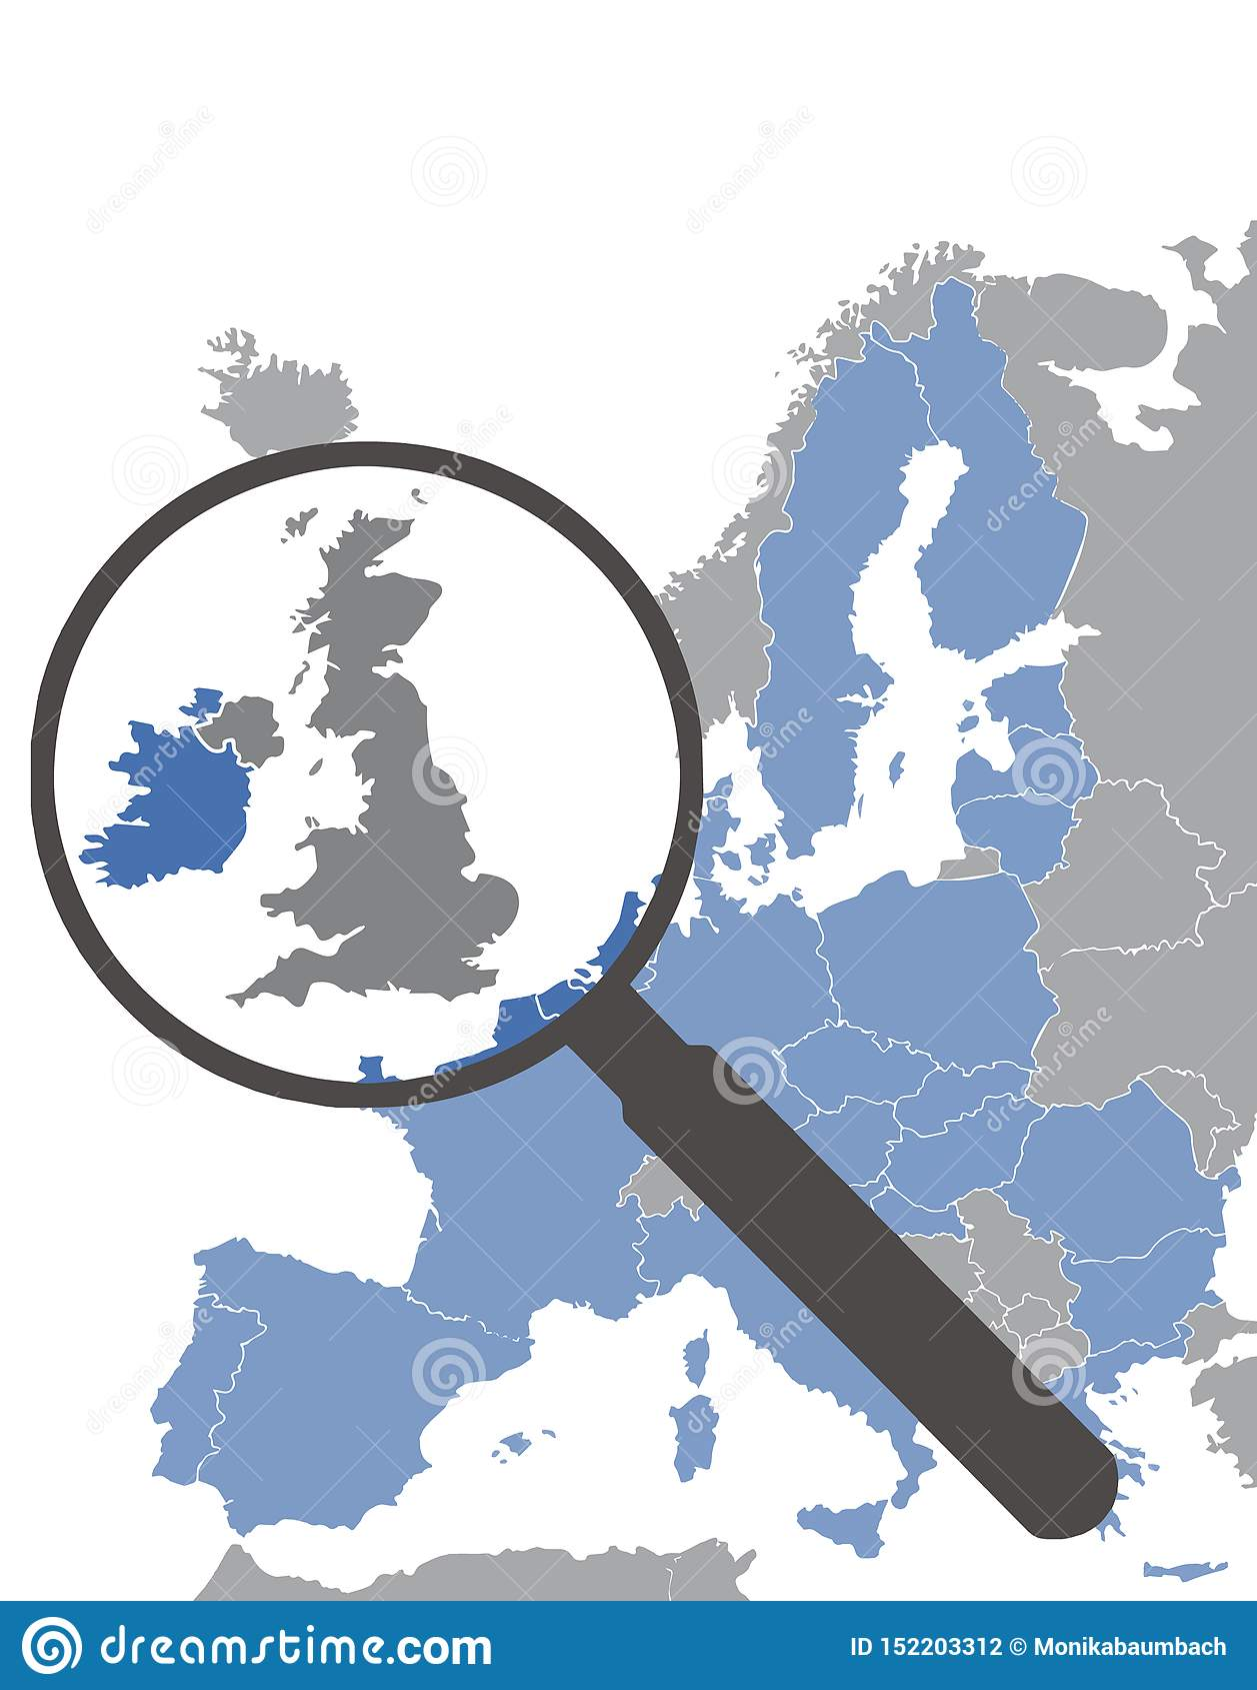 Carte d Union européenne sans l Angleterre après Brexit accentuant la Grande-Bretagne derrière la loupe